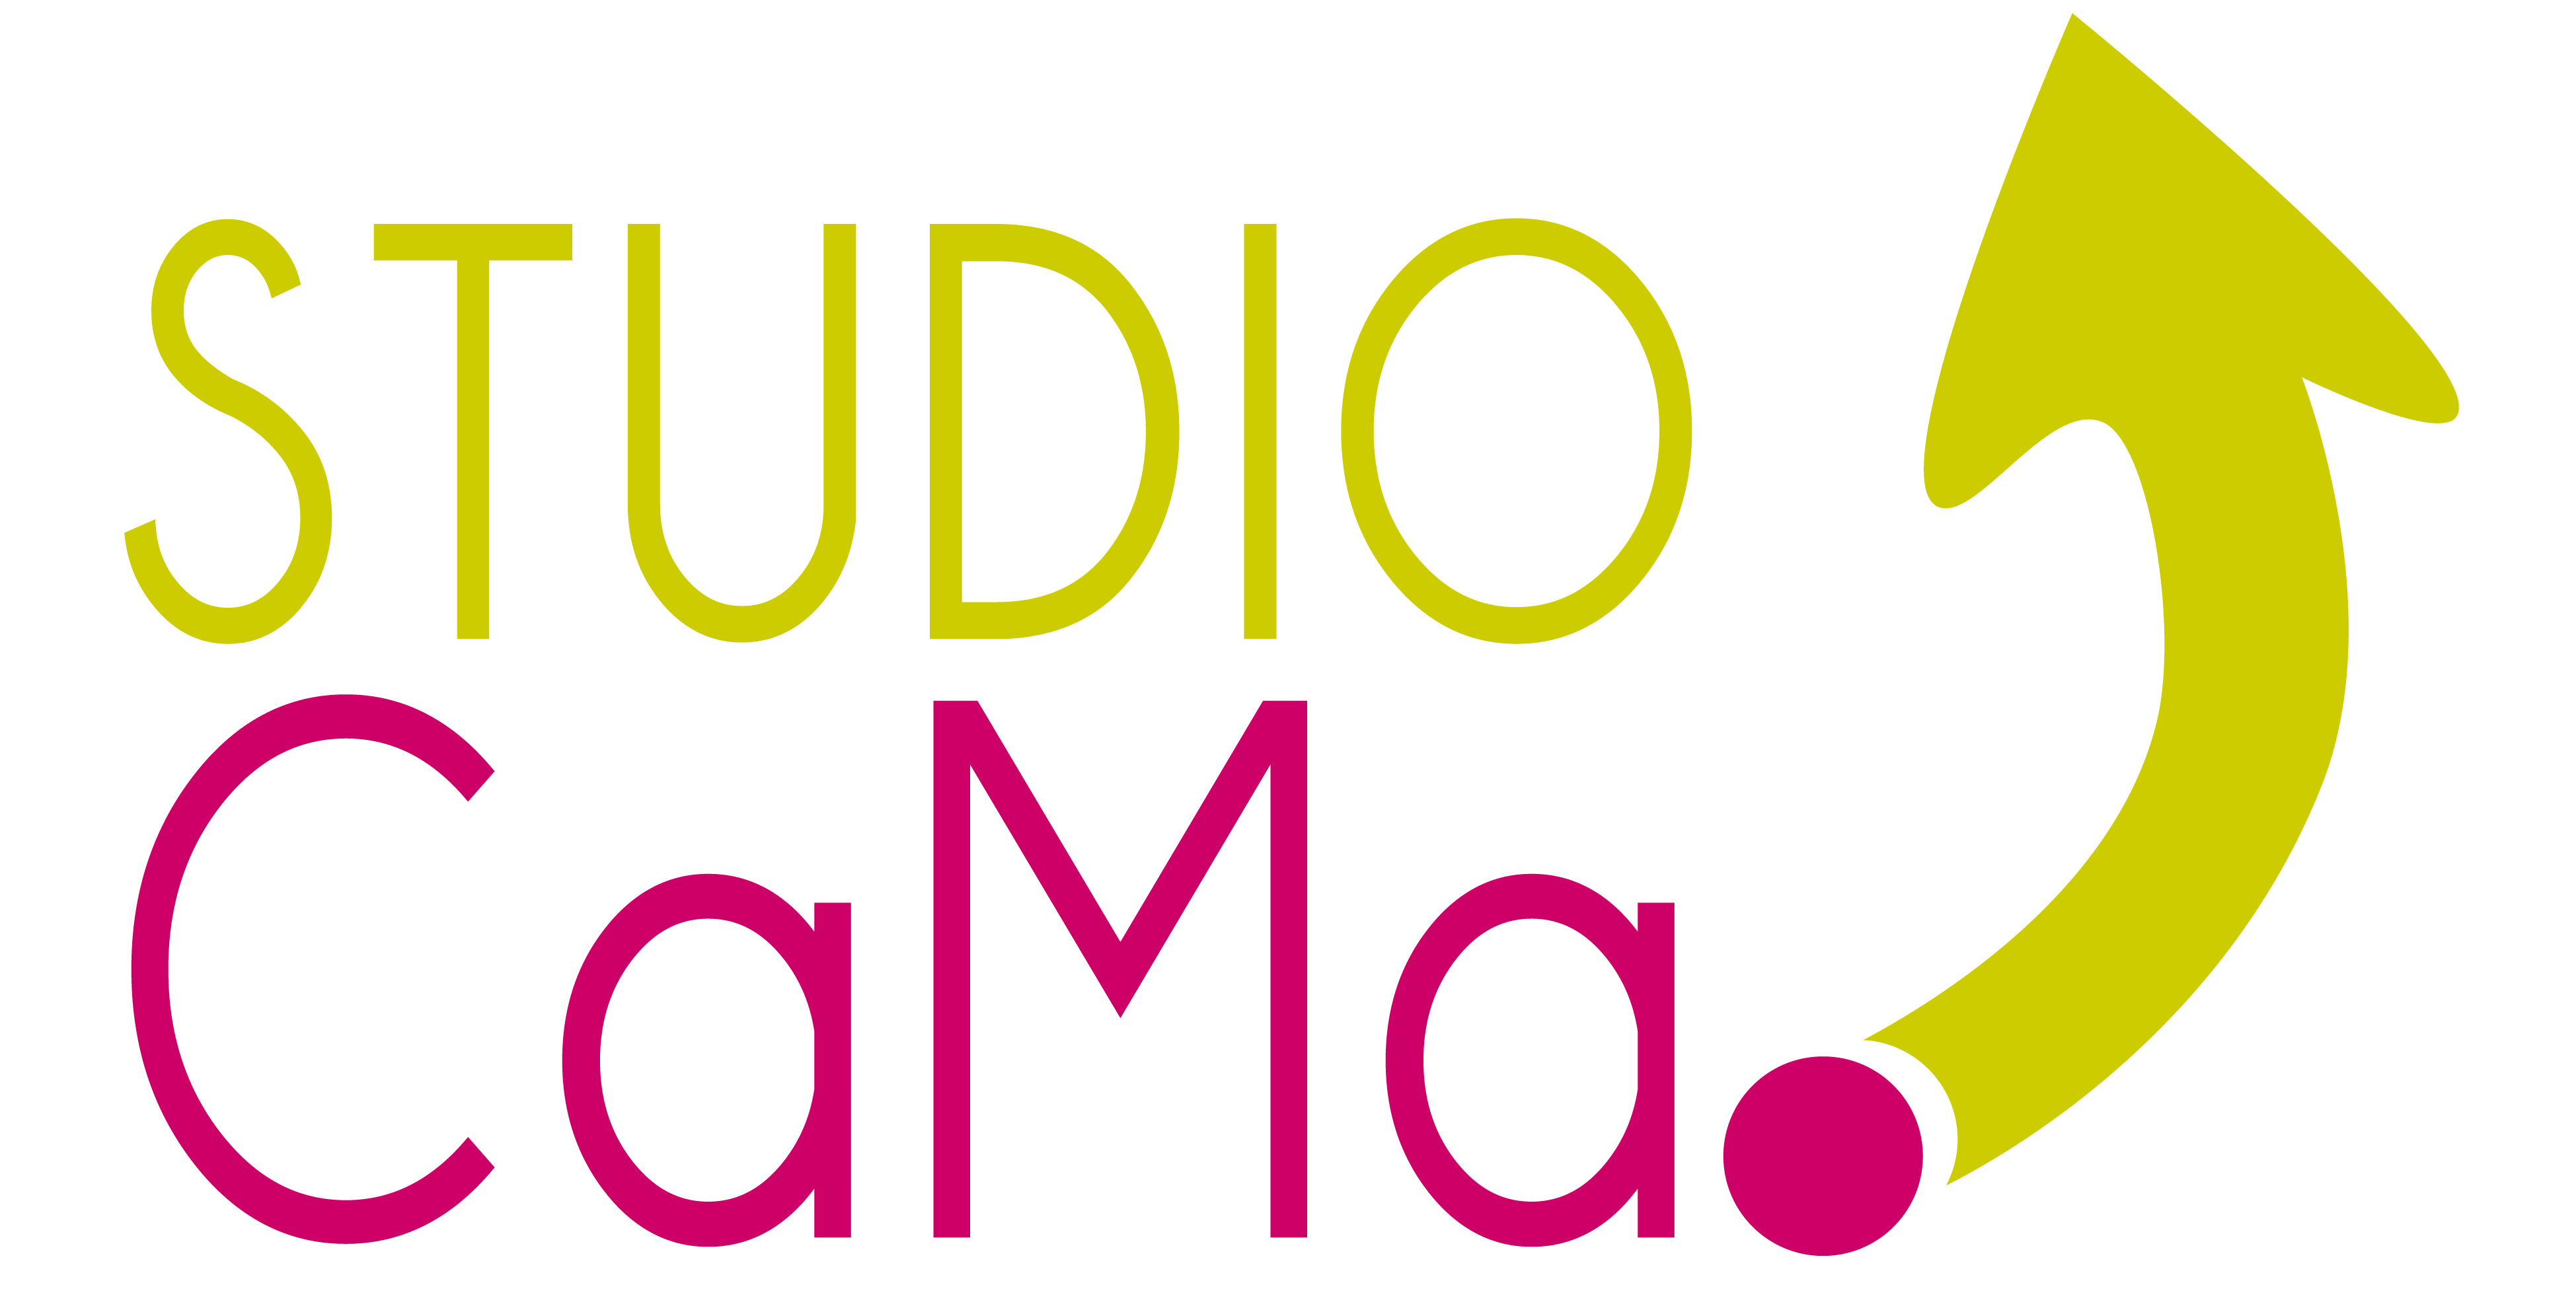 Studio CaMa